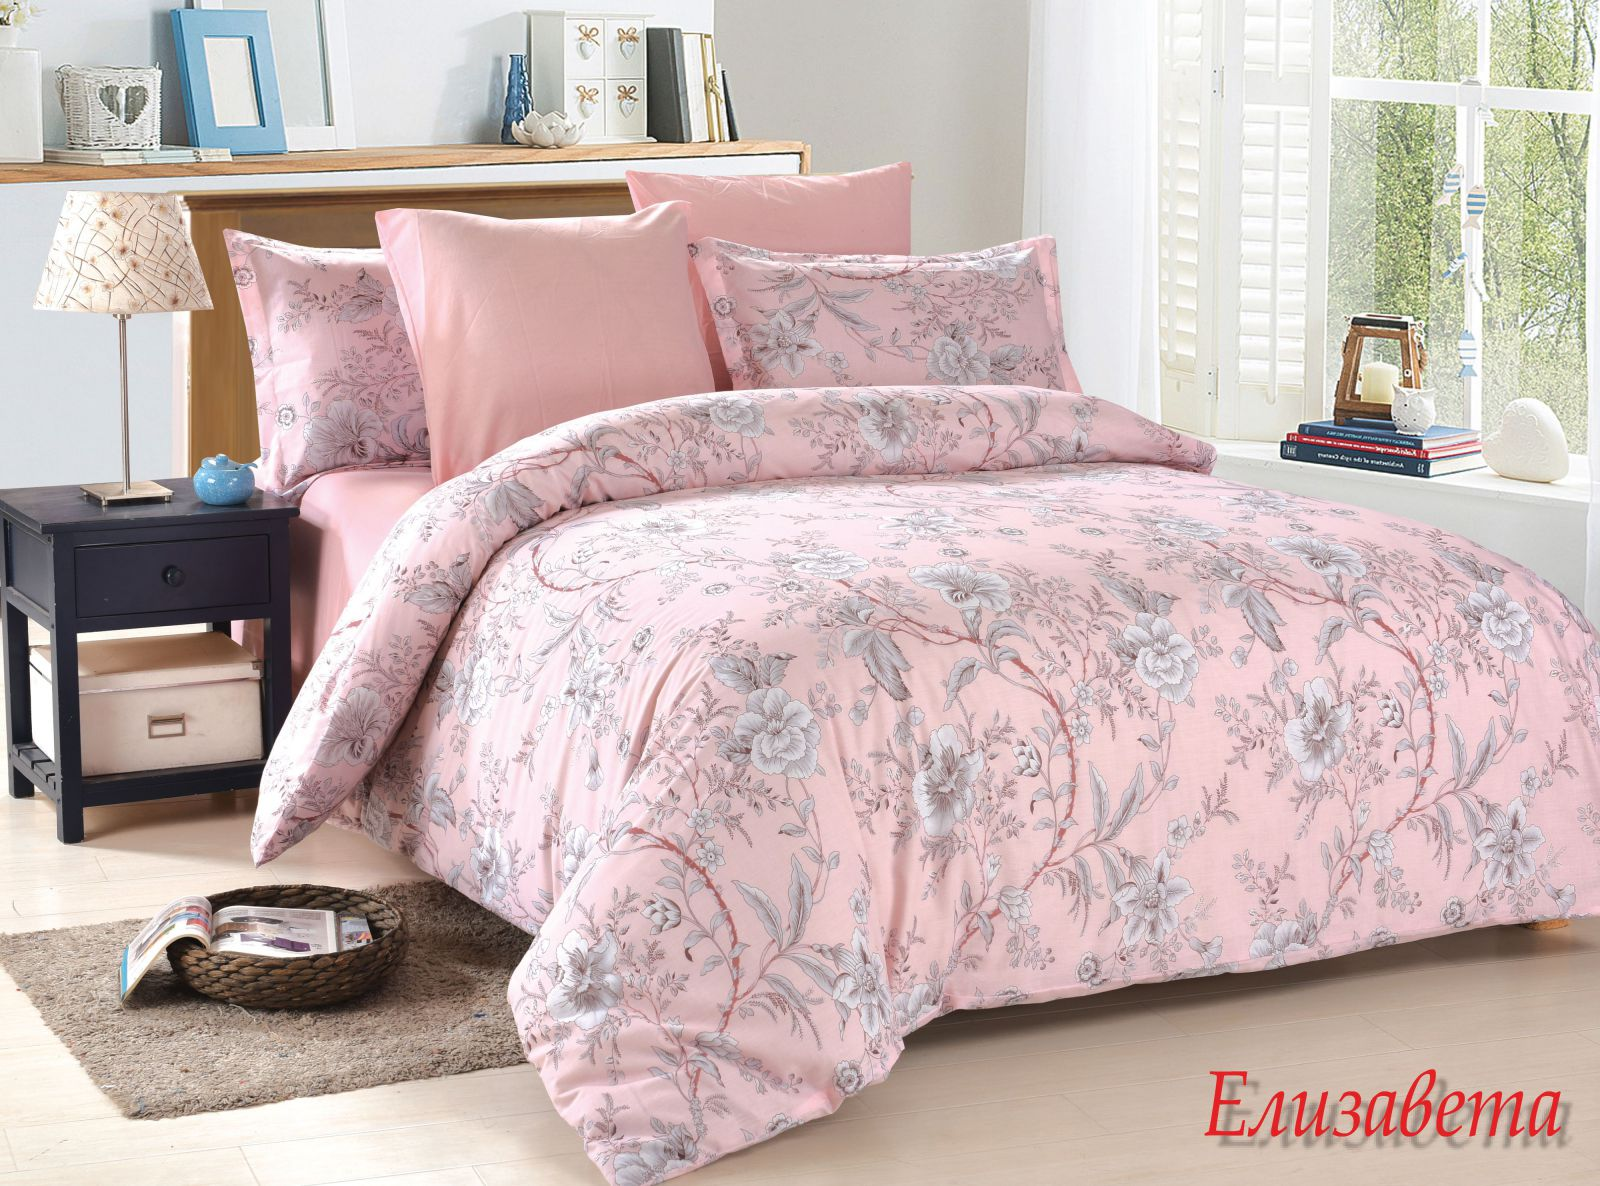 Купить Комплекты постельного белья Amore Mio, Постельное белье Elizabeth (1, 5 спал.), Китай, Поплин